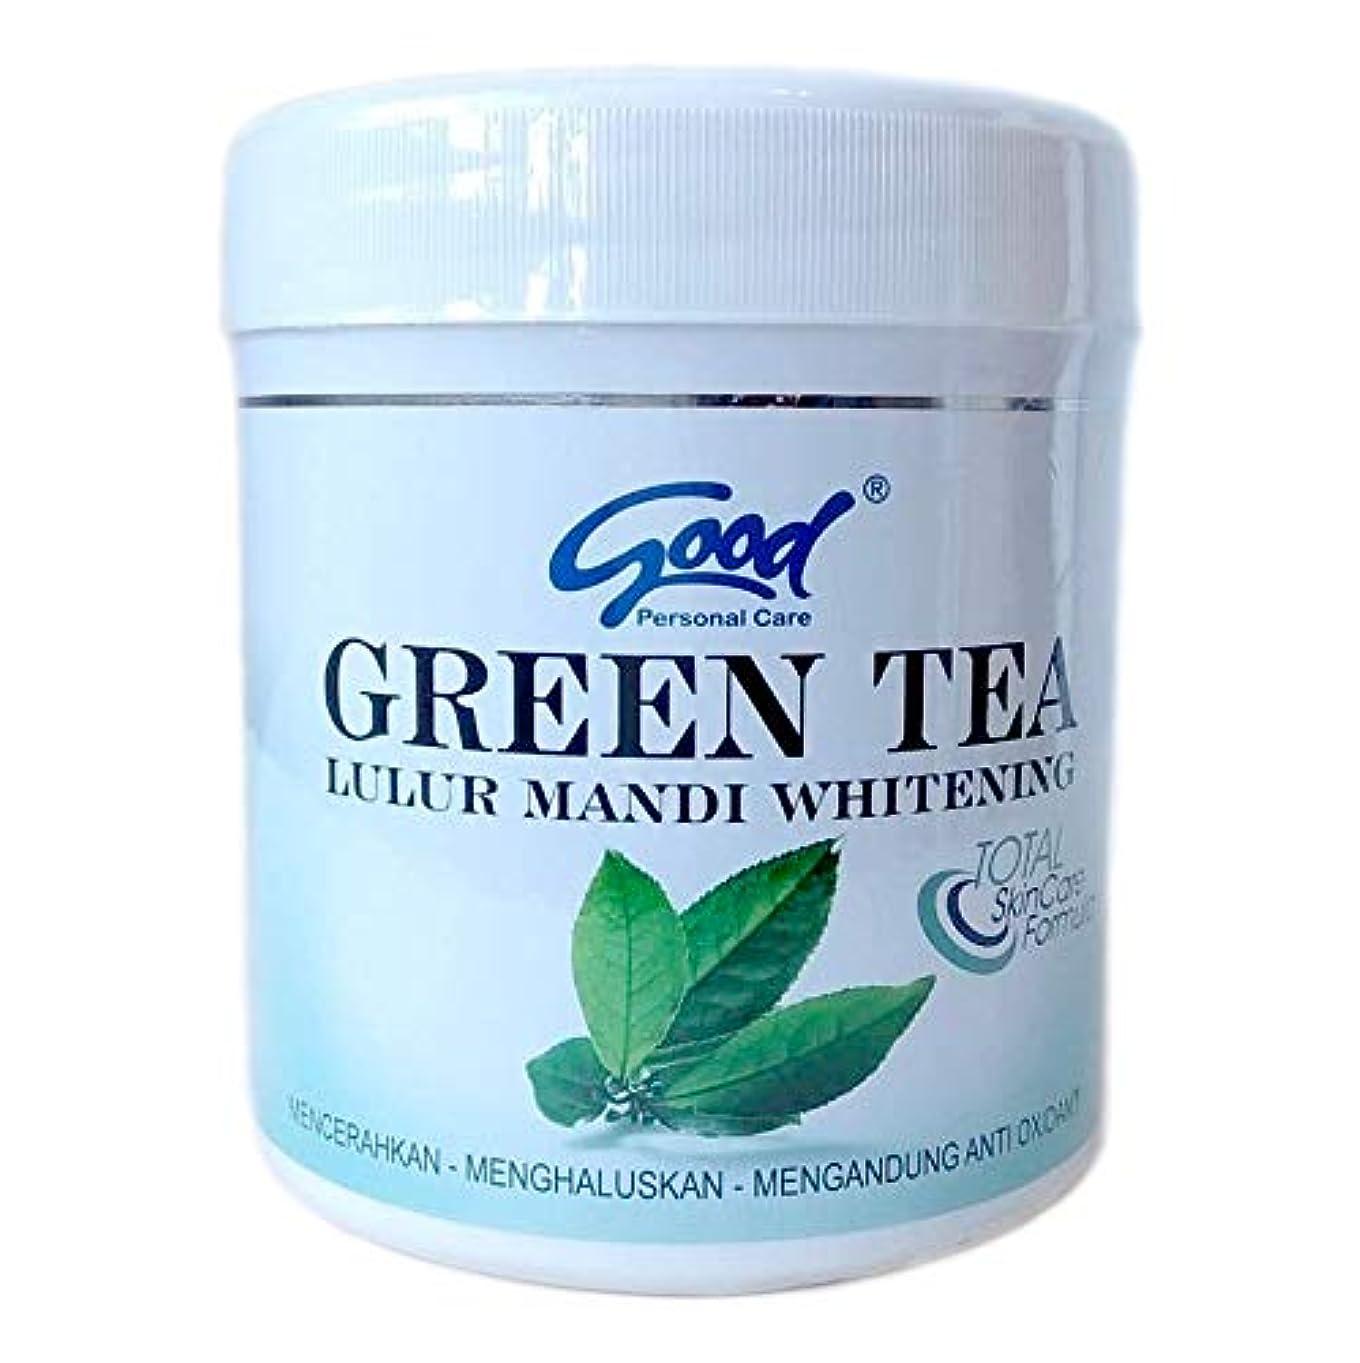 着服政府立法good グッド Lulur Mandi Whitening ルルール マンディ ホワイトニング GREEN TEA グリーンティー 1kg / マンディルルール ボディピーリング ボディトリートメント [海外直送品]